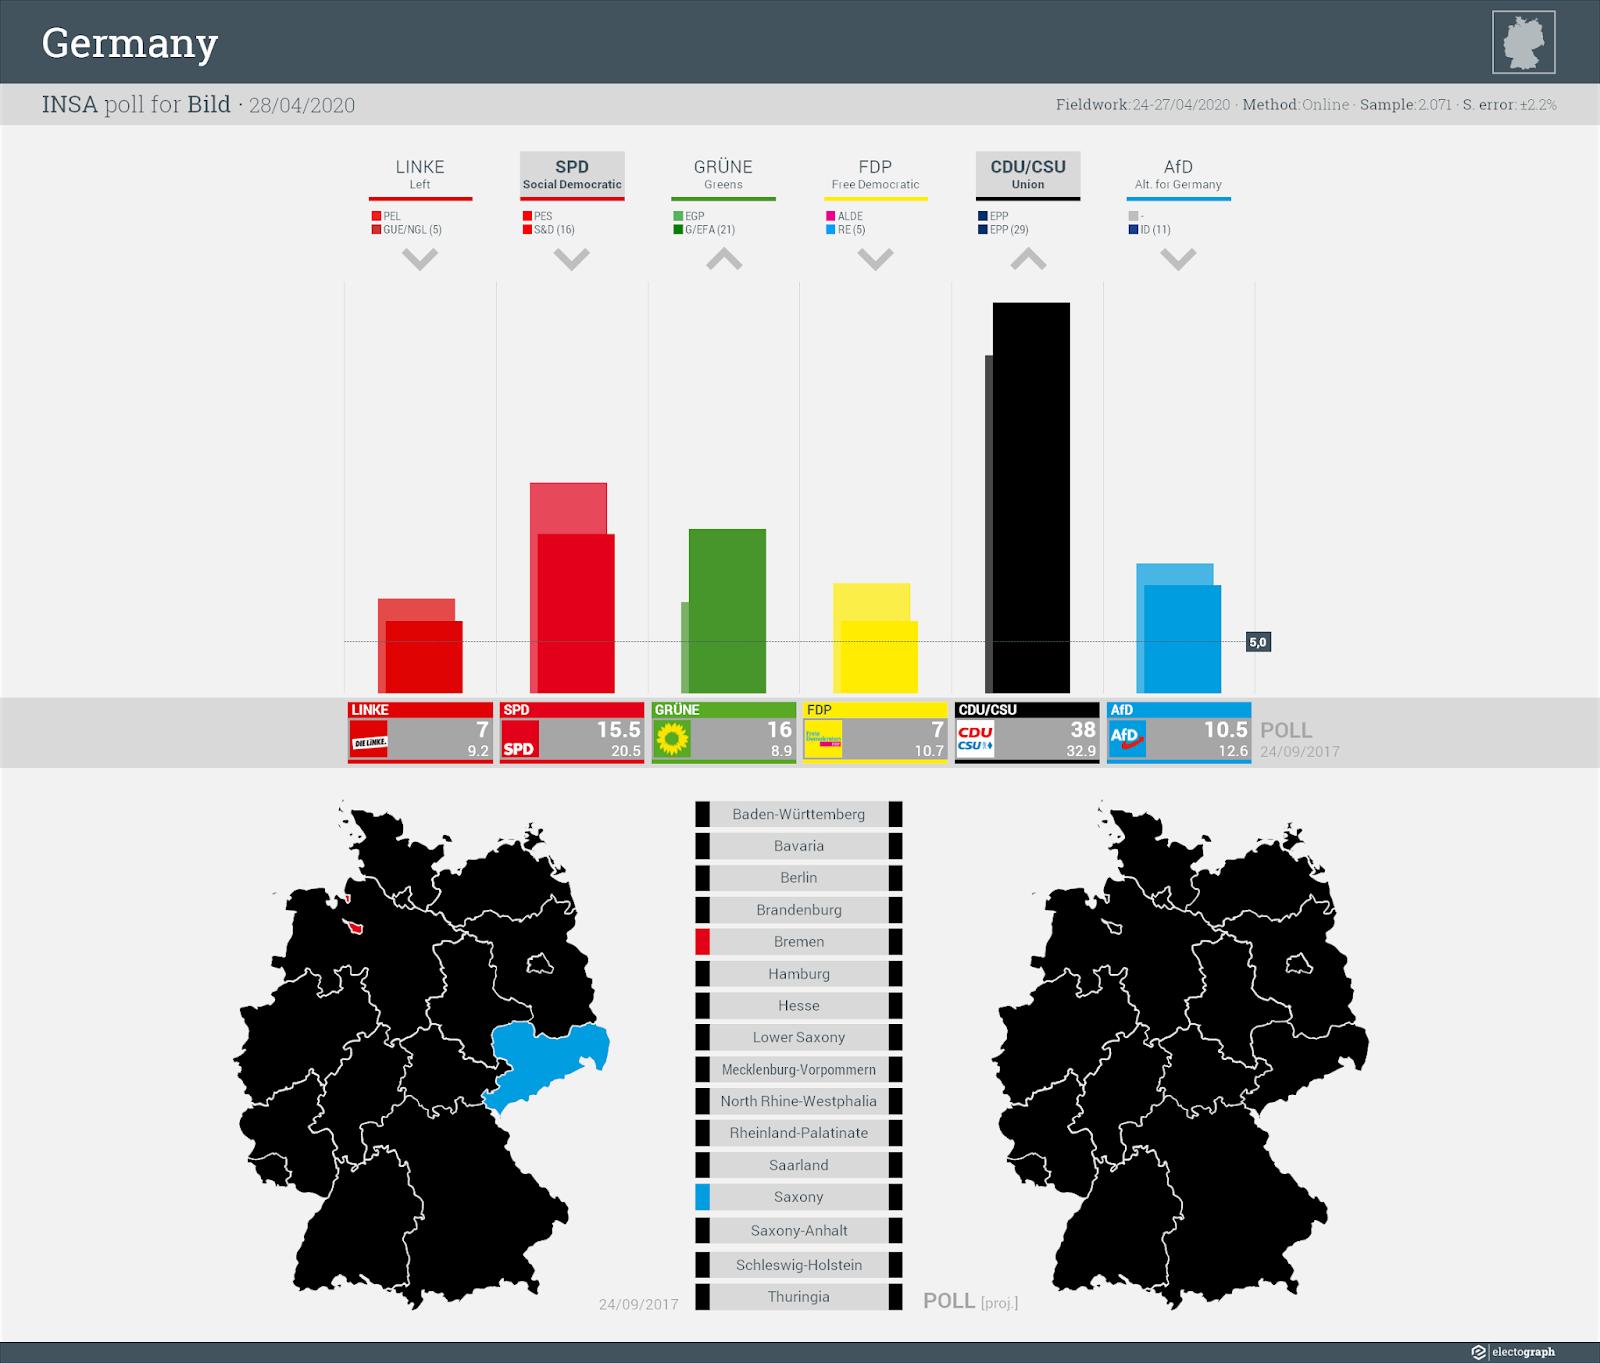 GERMANY: INSA poll chart for Bild, 28 April 2020